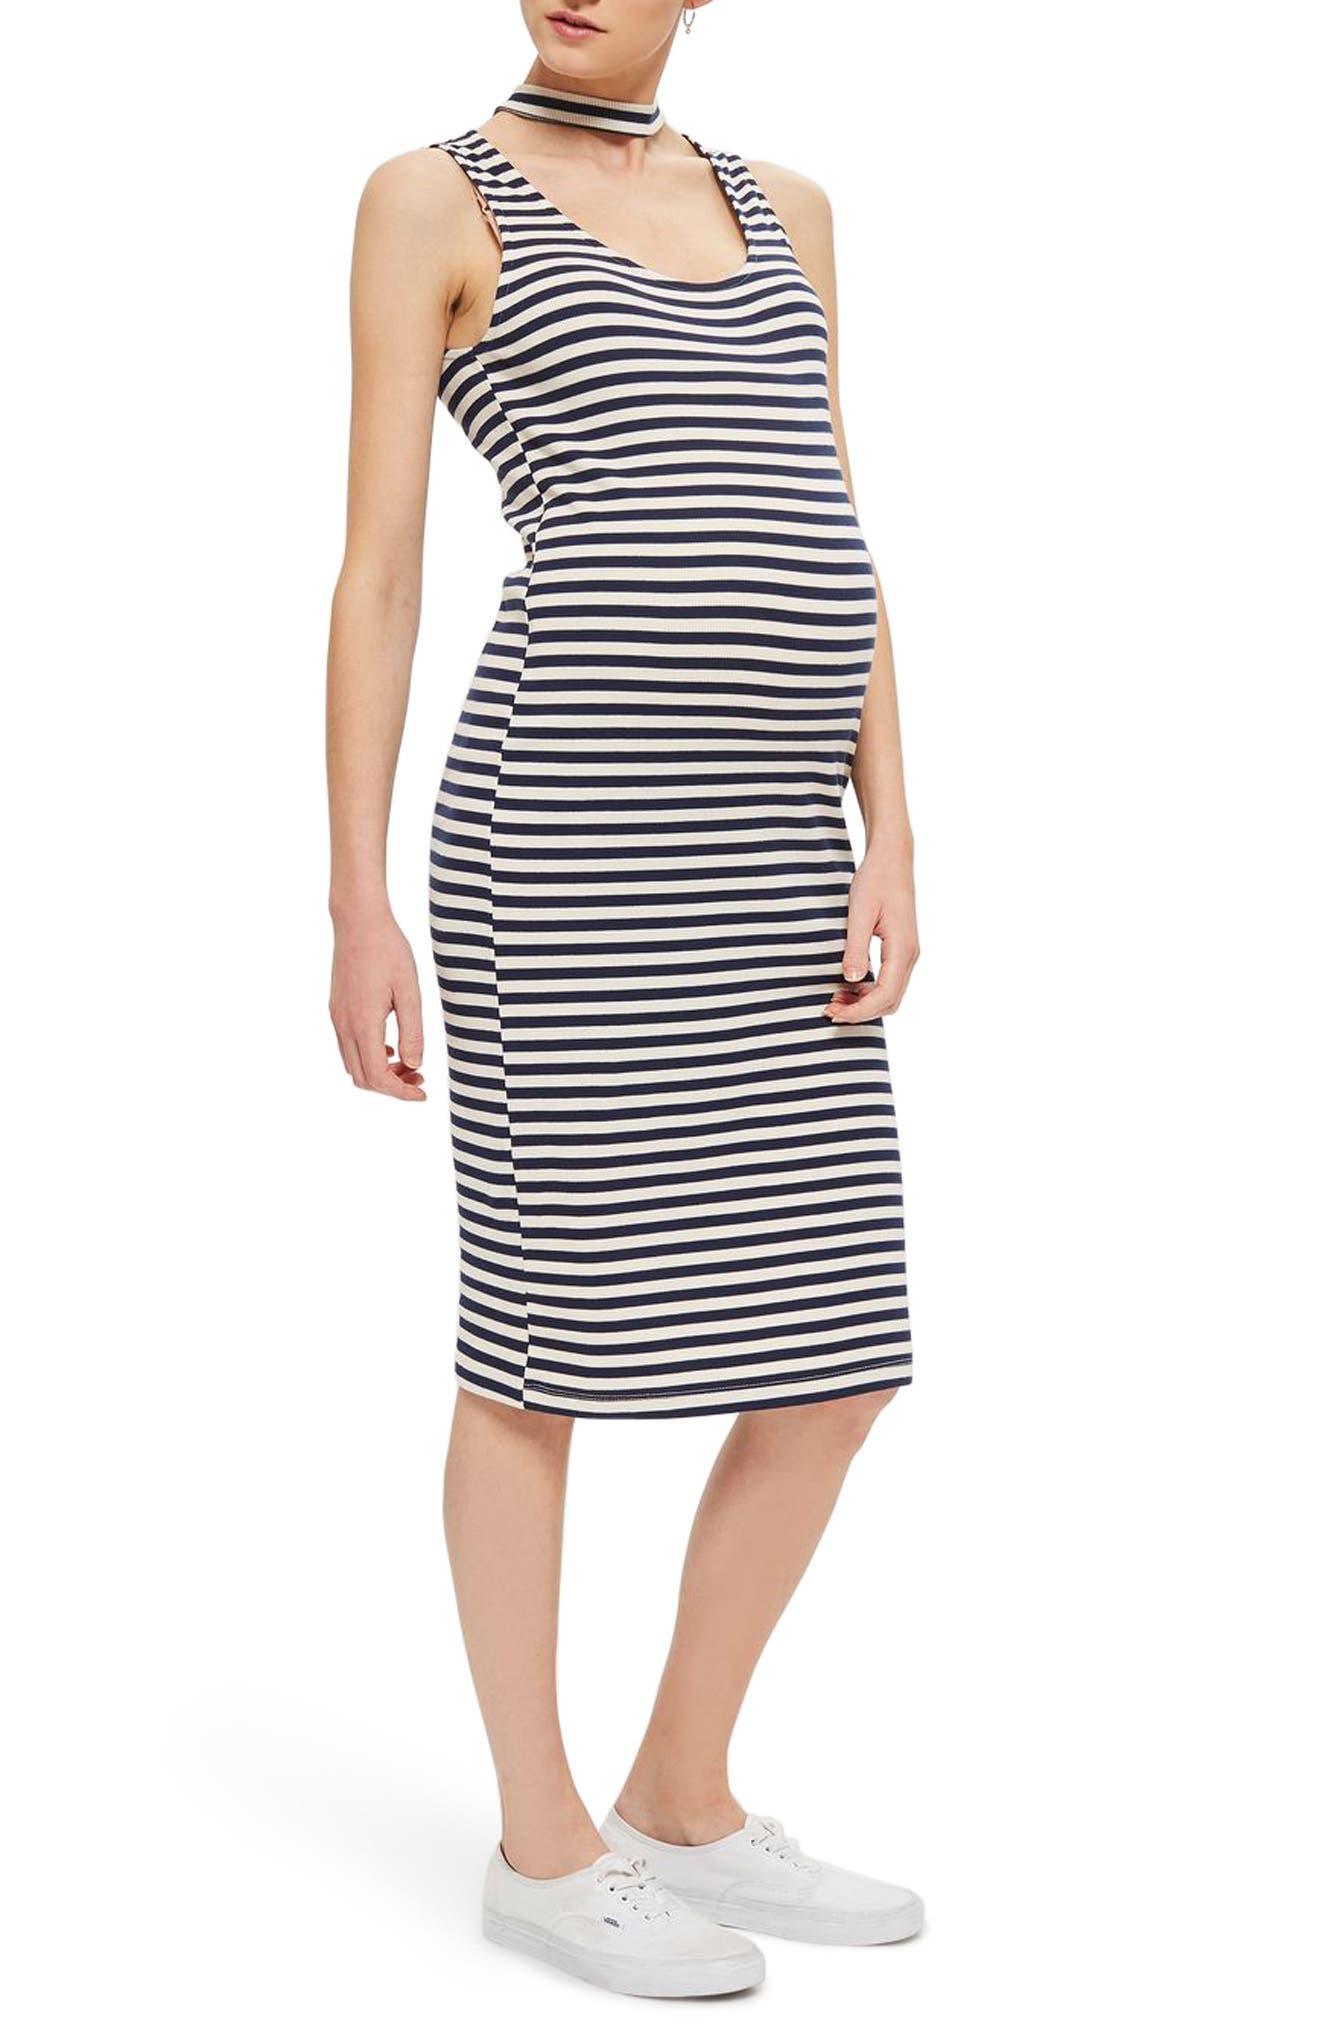 Topshop Stripe Midi Body-Con Maternity Dress